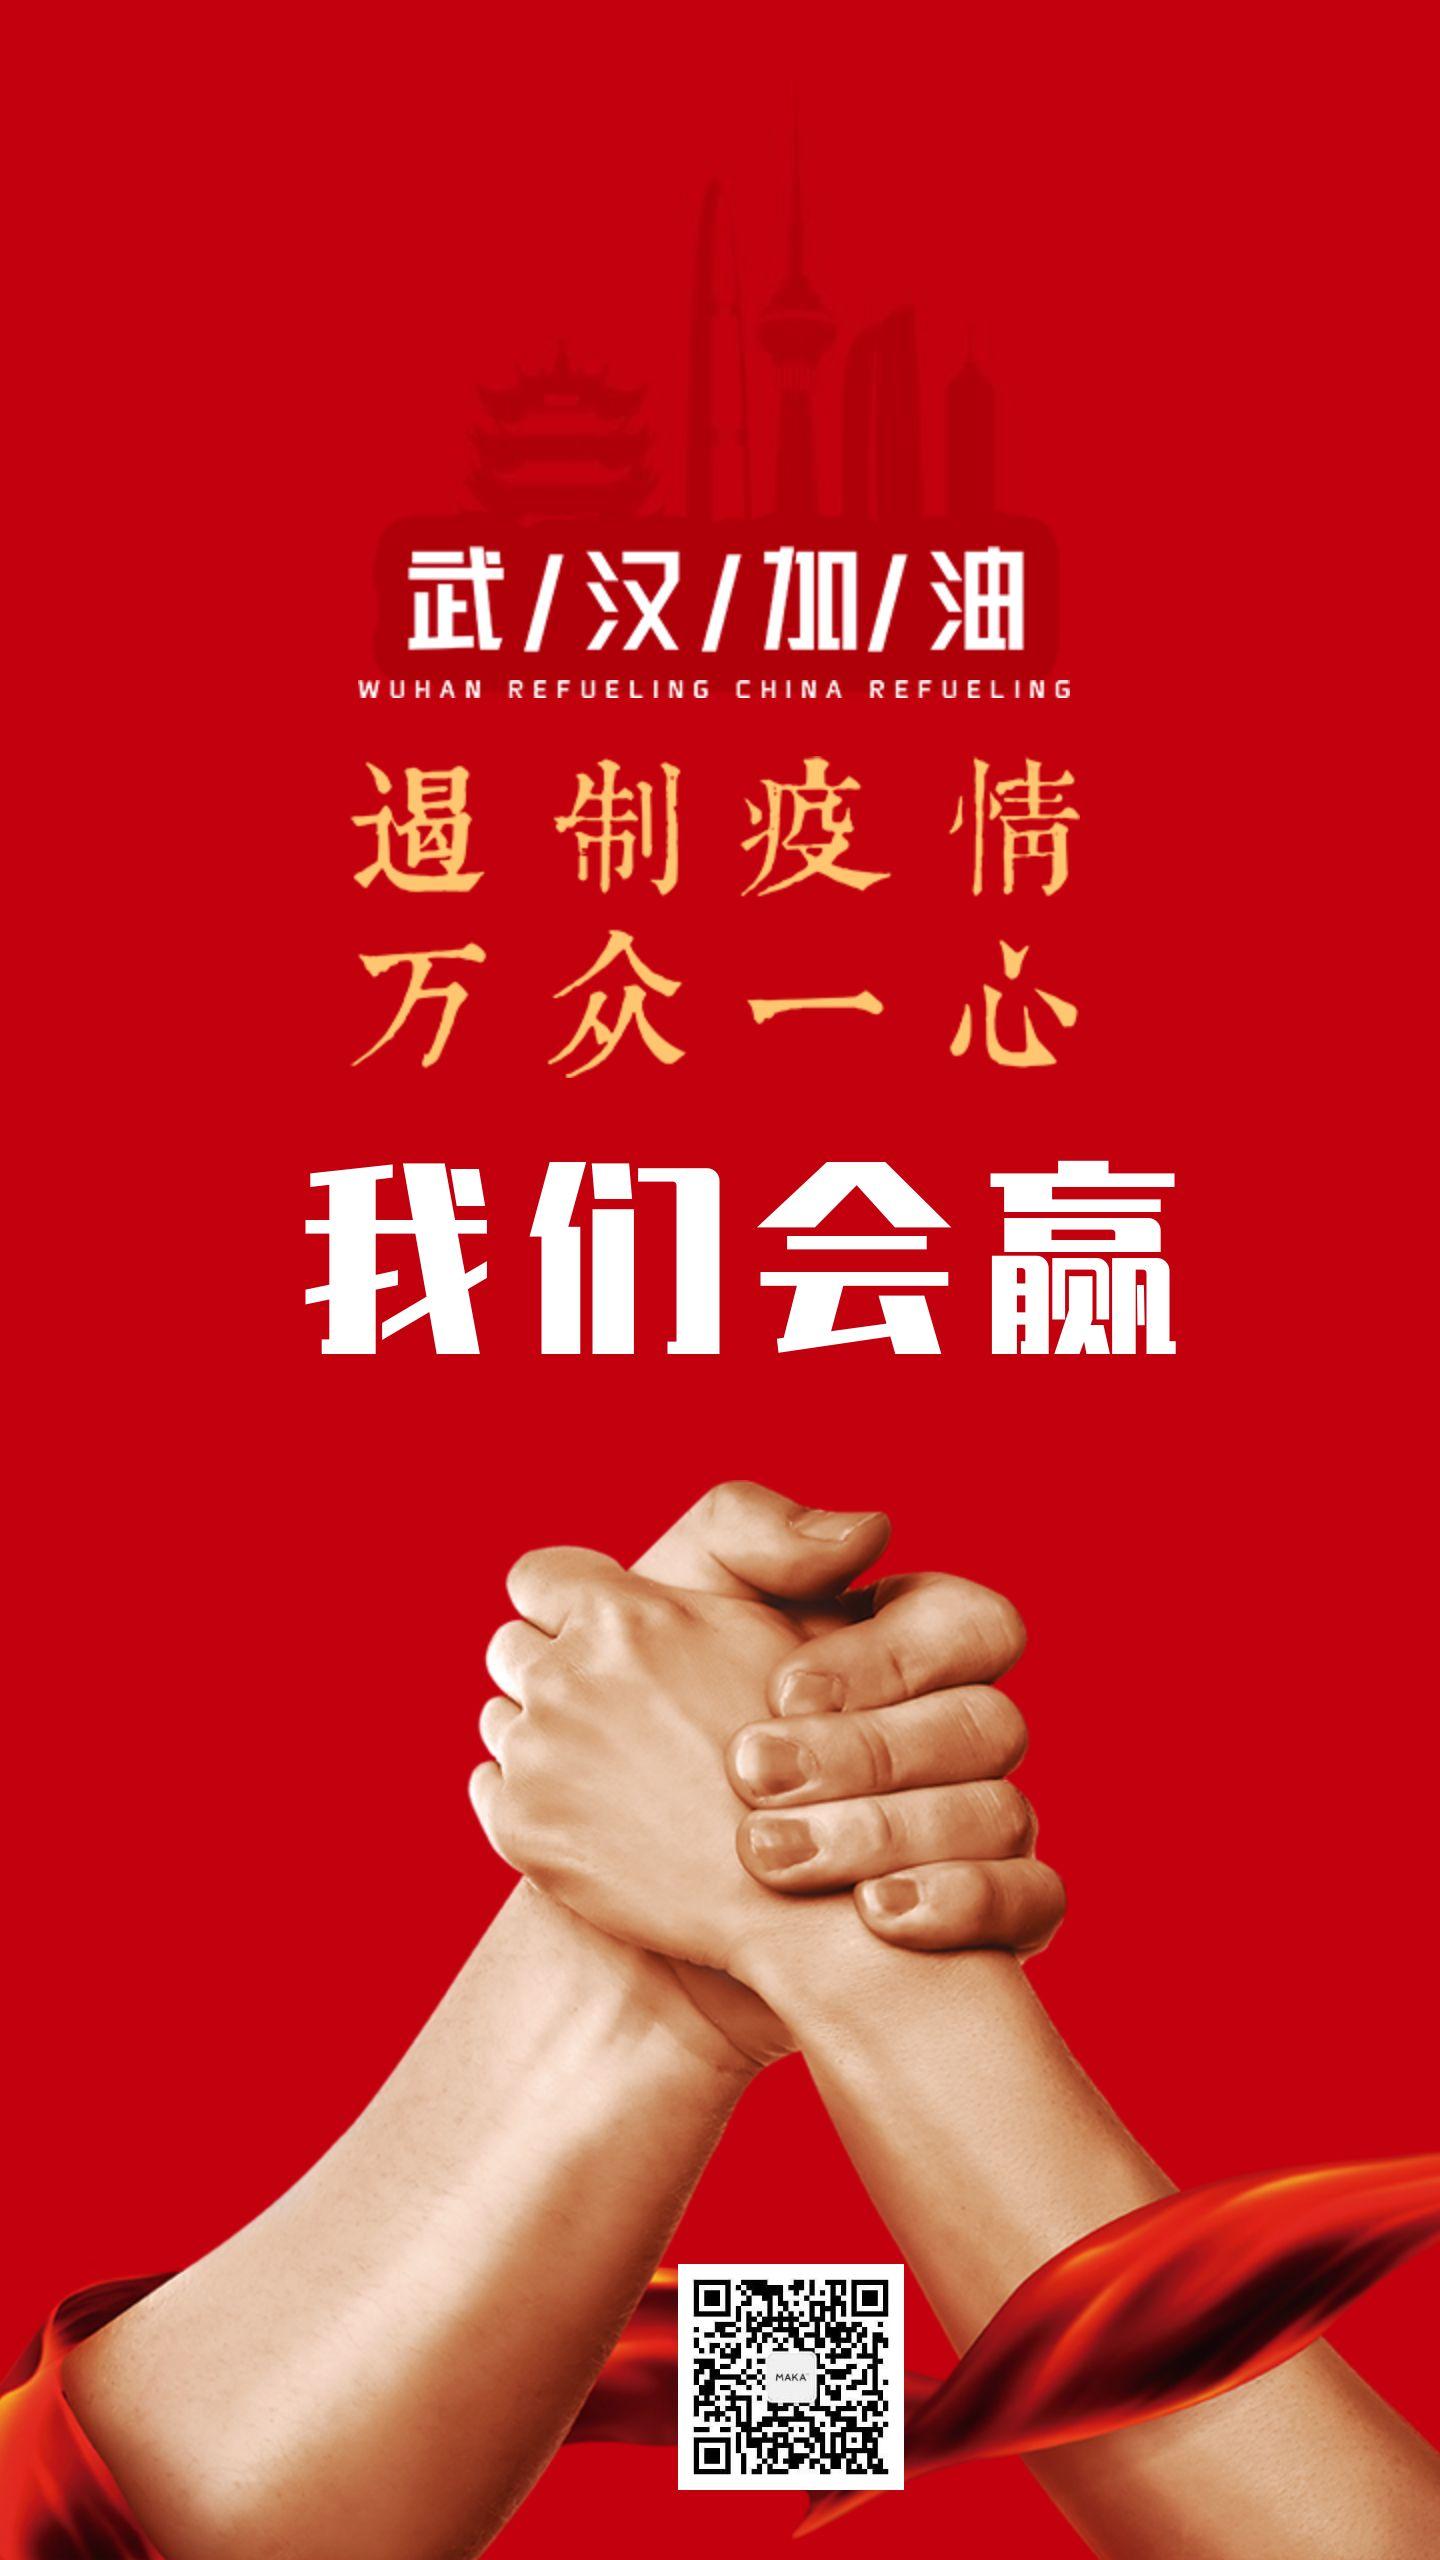 疫情防范众志成城预防新型肺炎冠状病毒武汉加油健康宣传海报图片